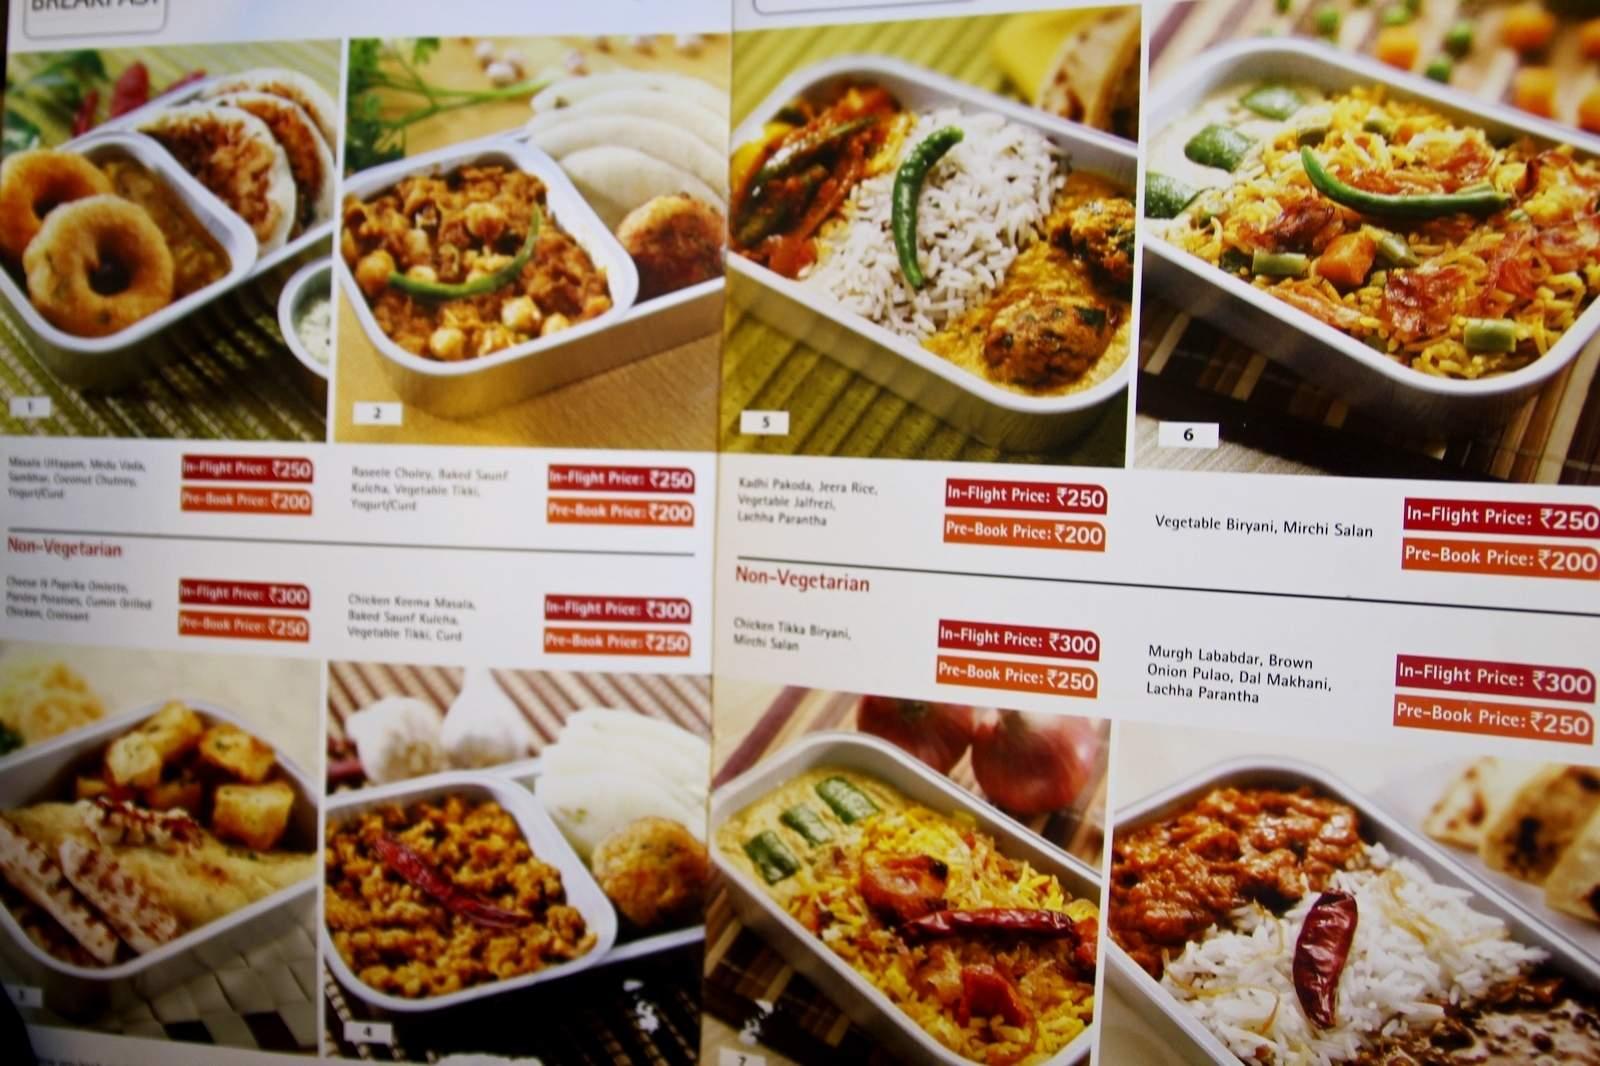 Cennik jedzenia w samolocie linii Spice Jet